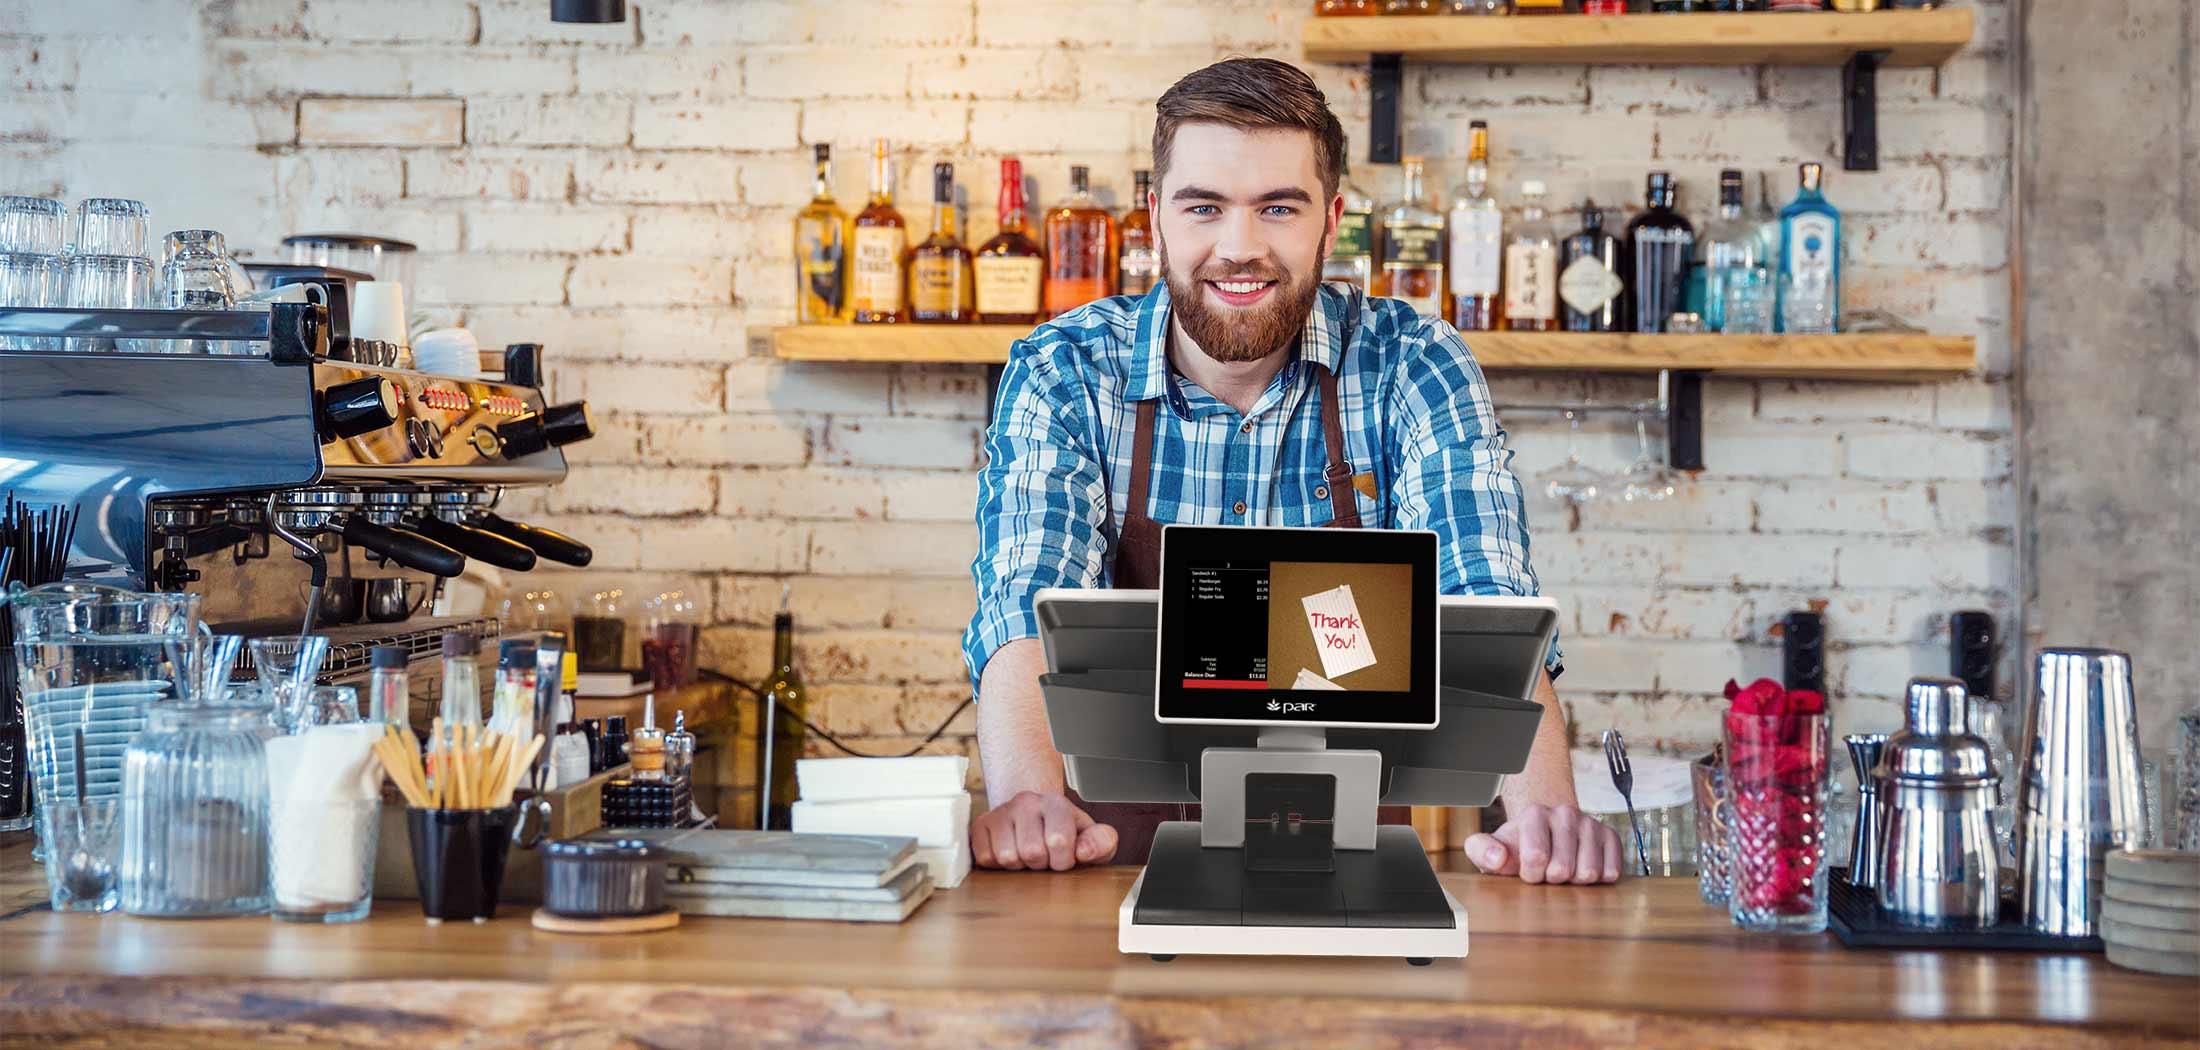 Usuario en bar usando la caja registradora